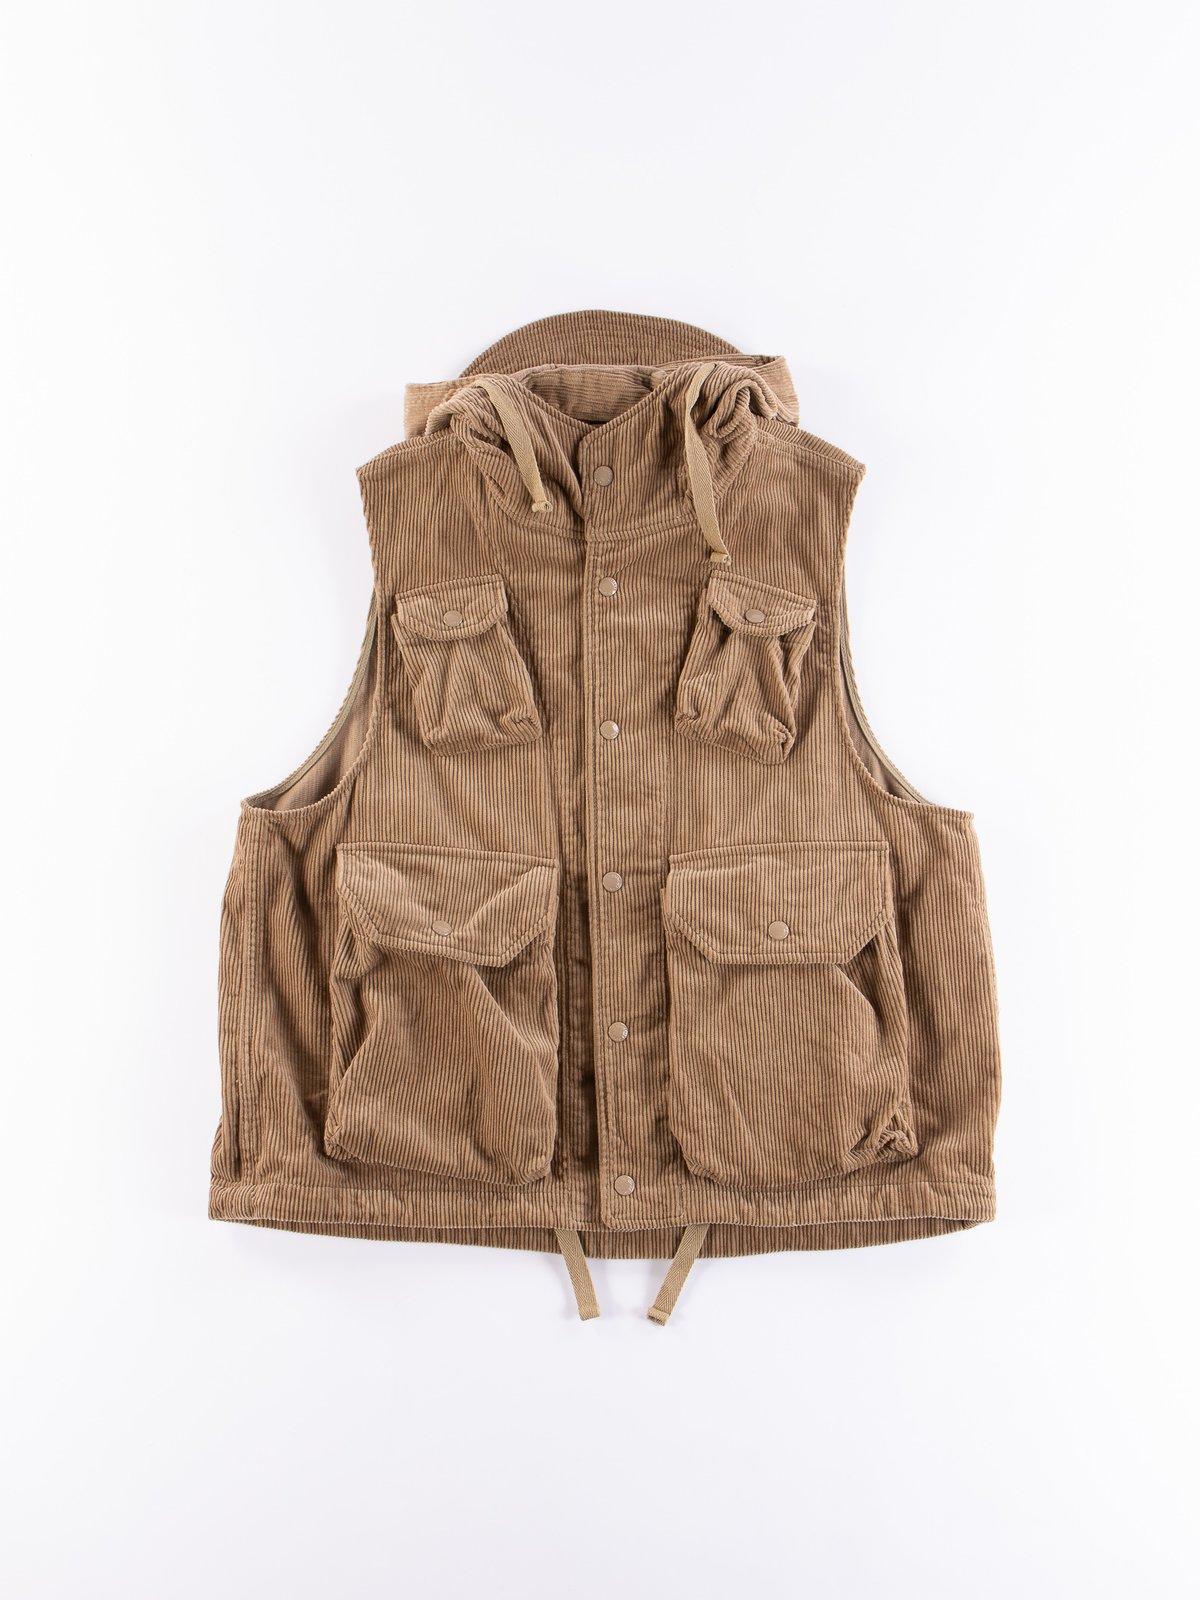 Khaki 8W Corduroy Field Vest - Image 1